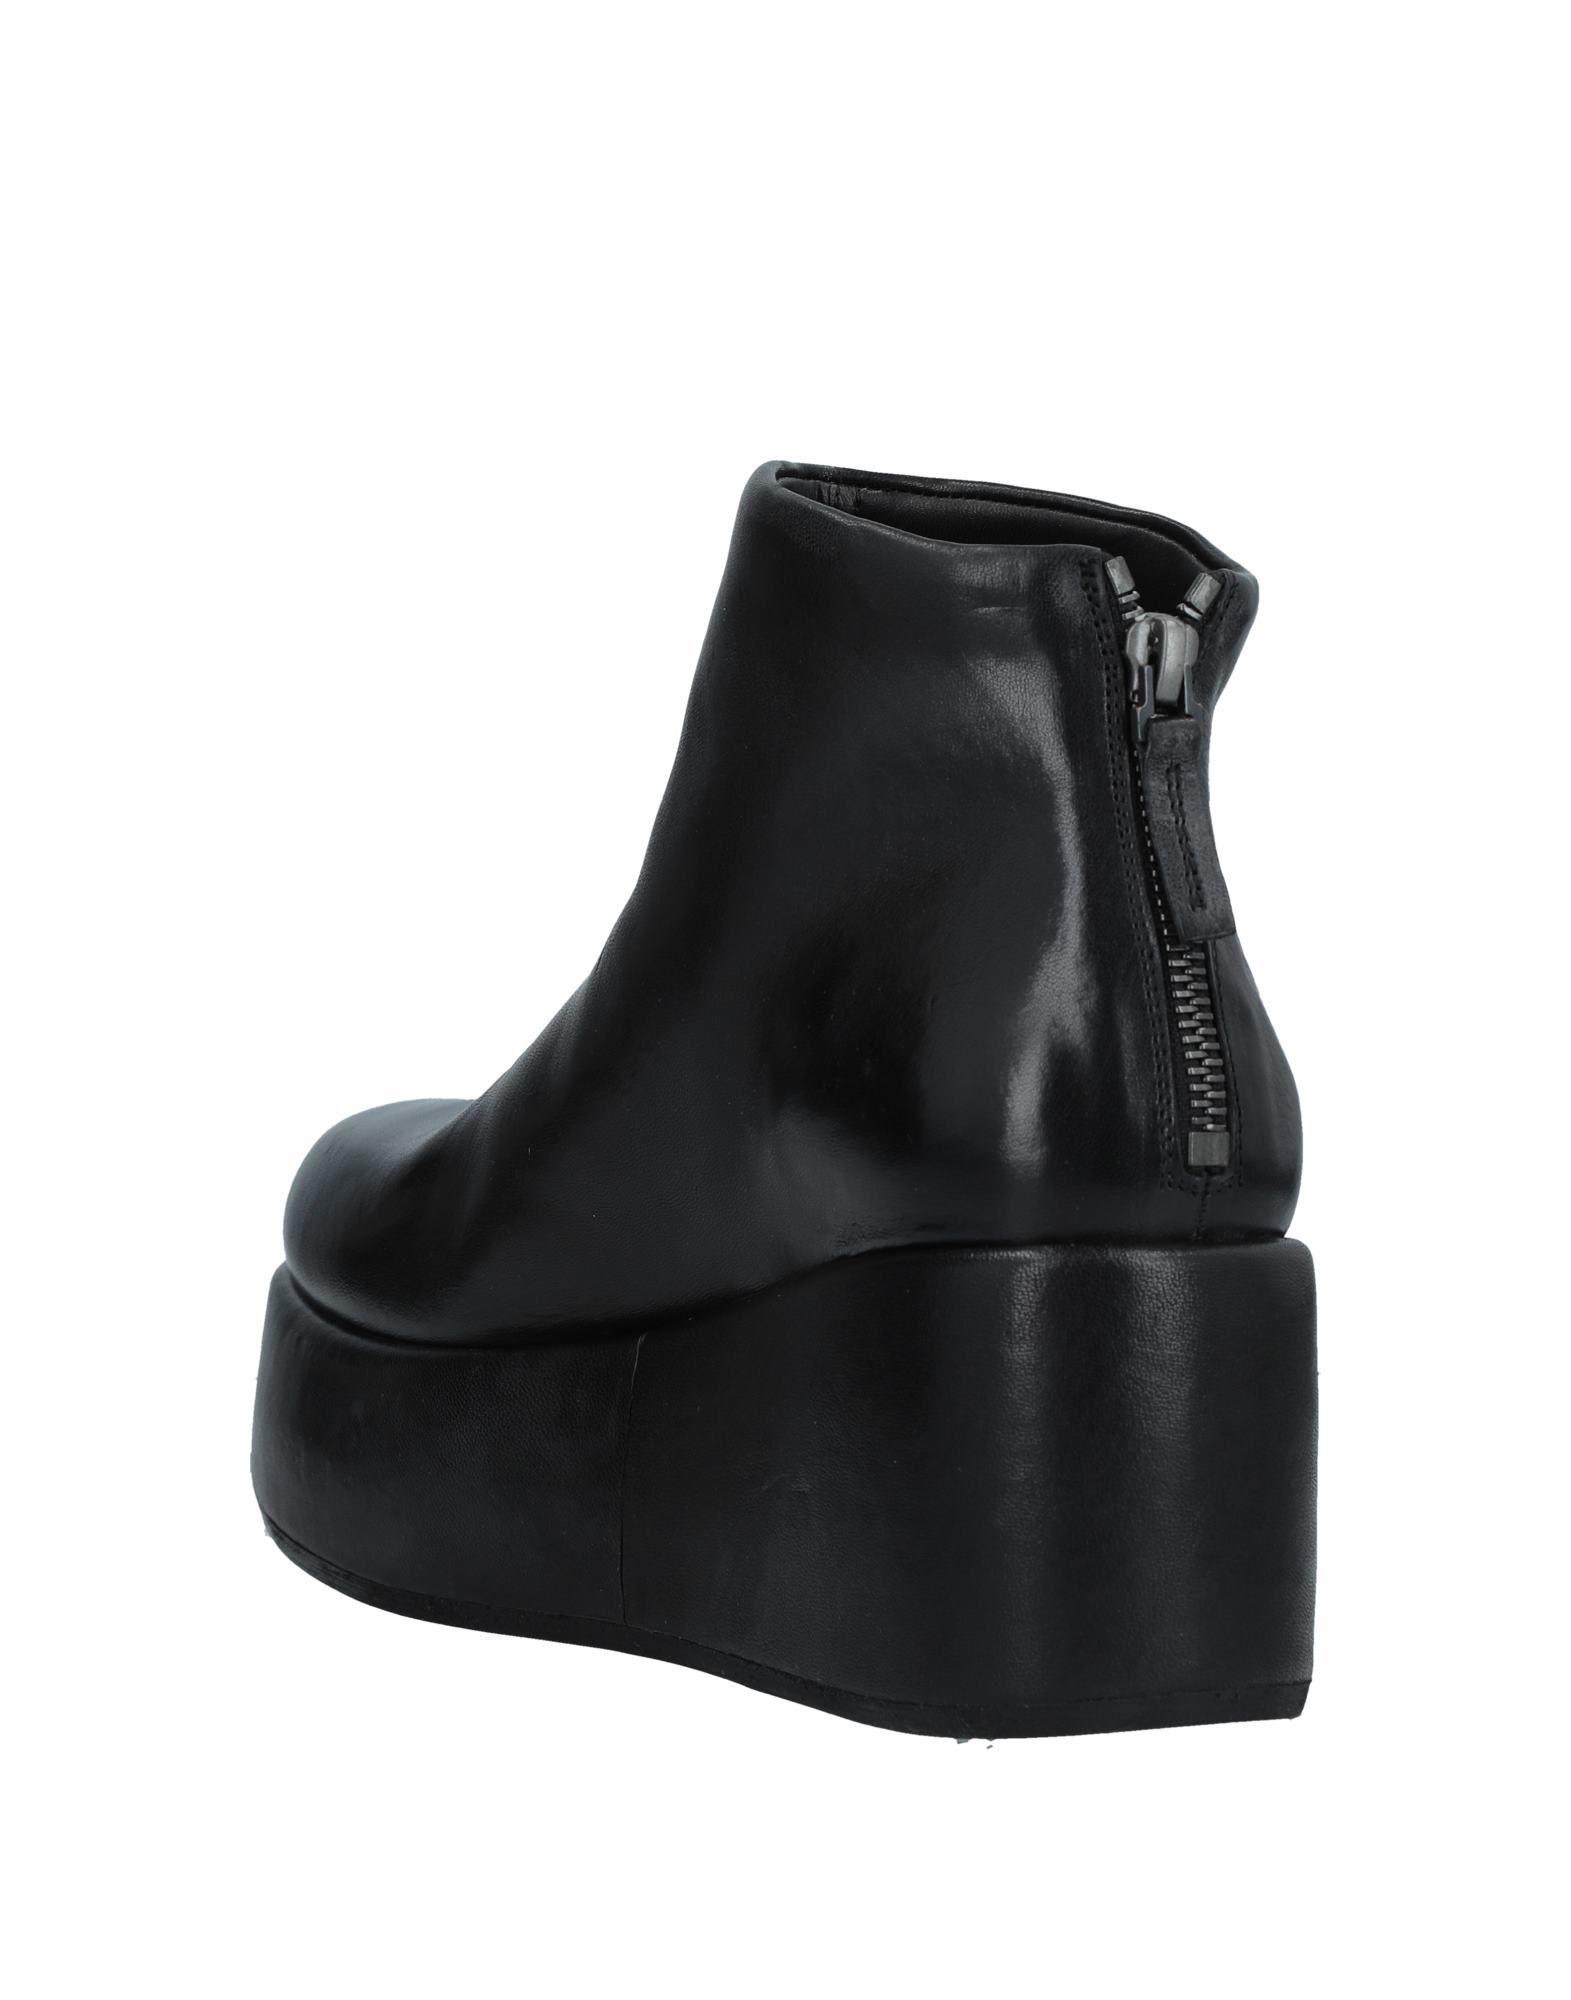 Marsèll Stiefelette Damen  aussehende 11529847RXGünstige gut aussehende  Schuhe 7d04e2